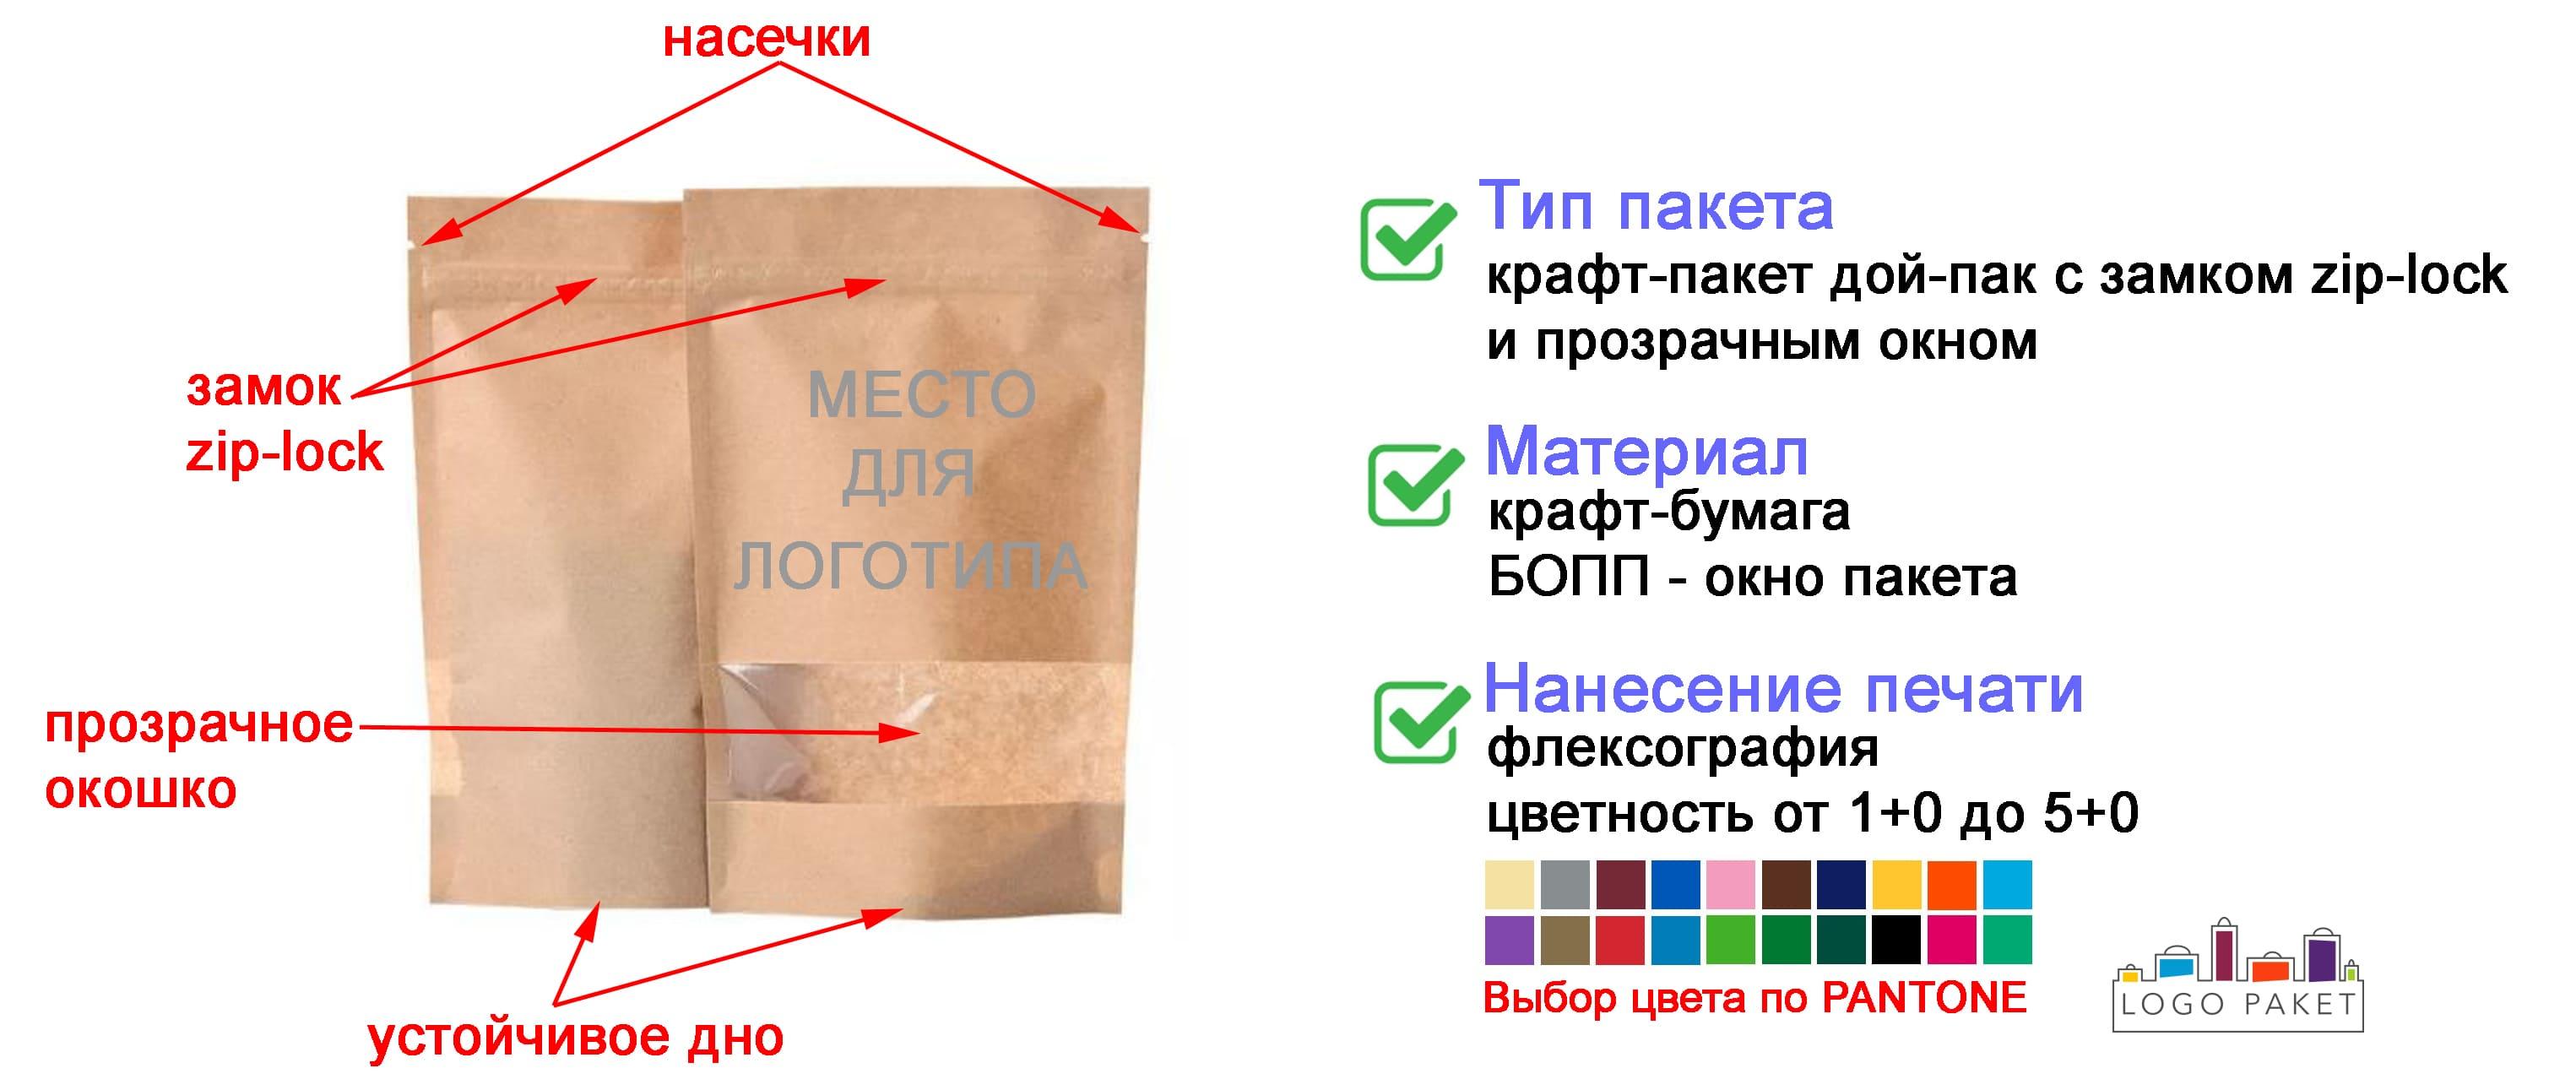 Дой-пак крафт пакеты с прозрачным окном и замком зип-лок инфографика